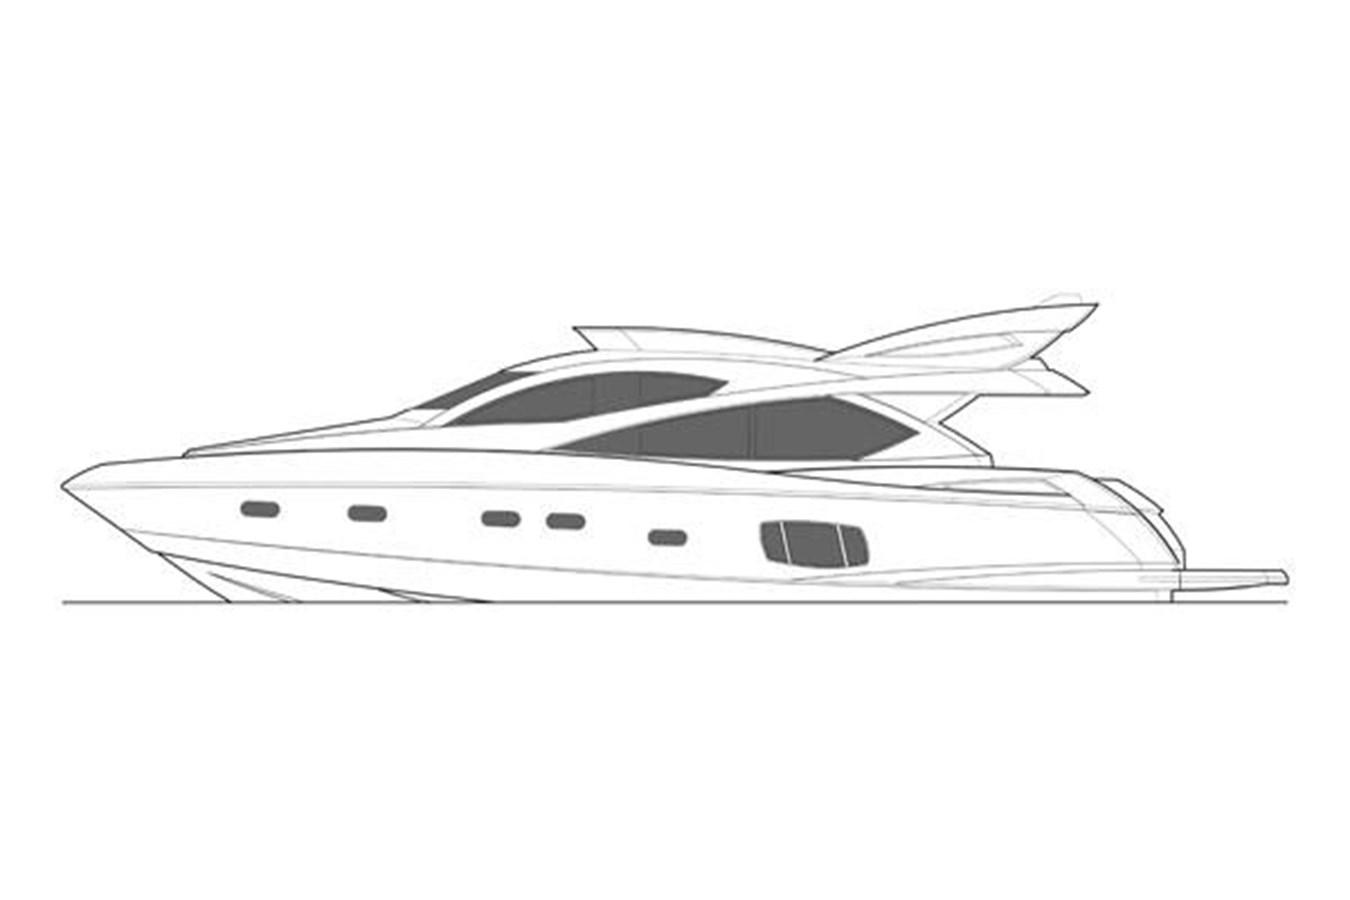 56 2009 SUNSEEKER  Motor Yacht 2737575